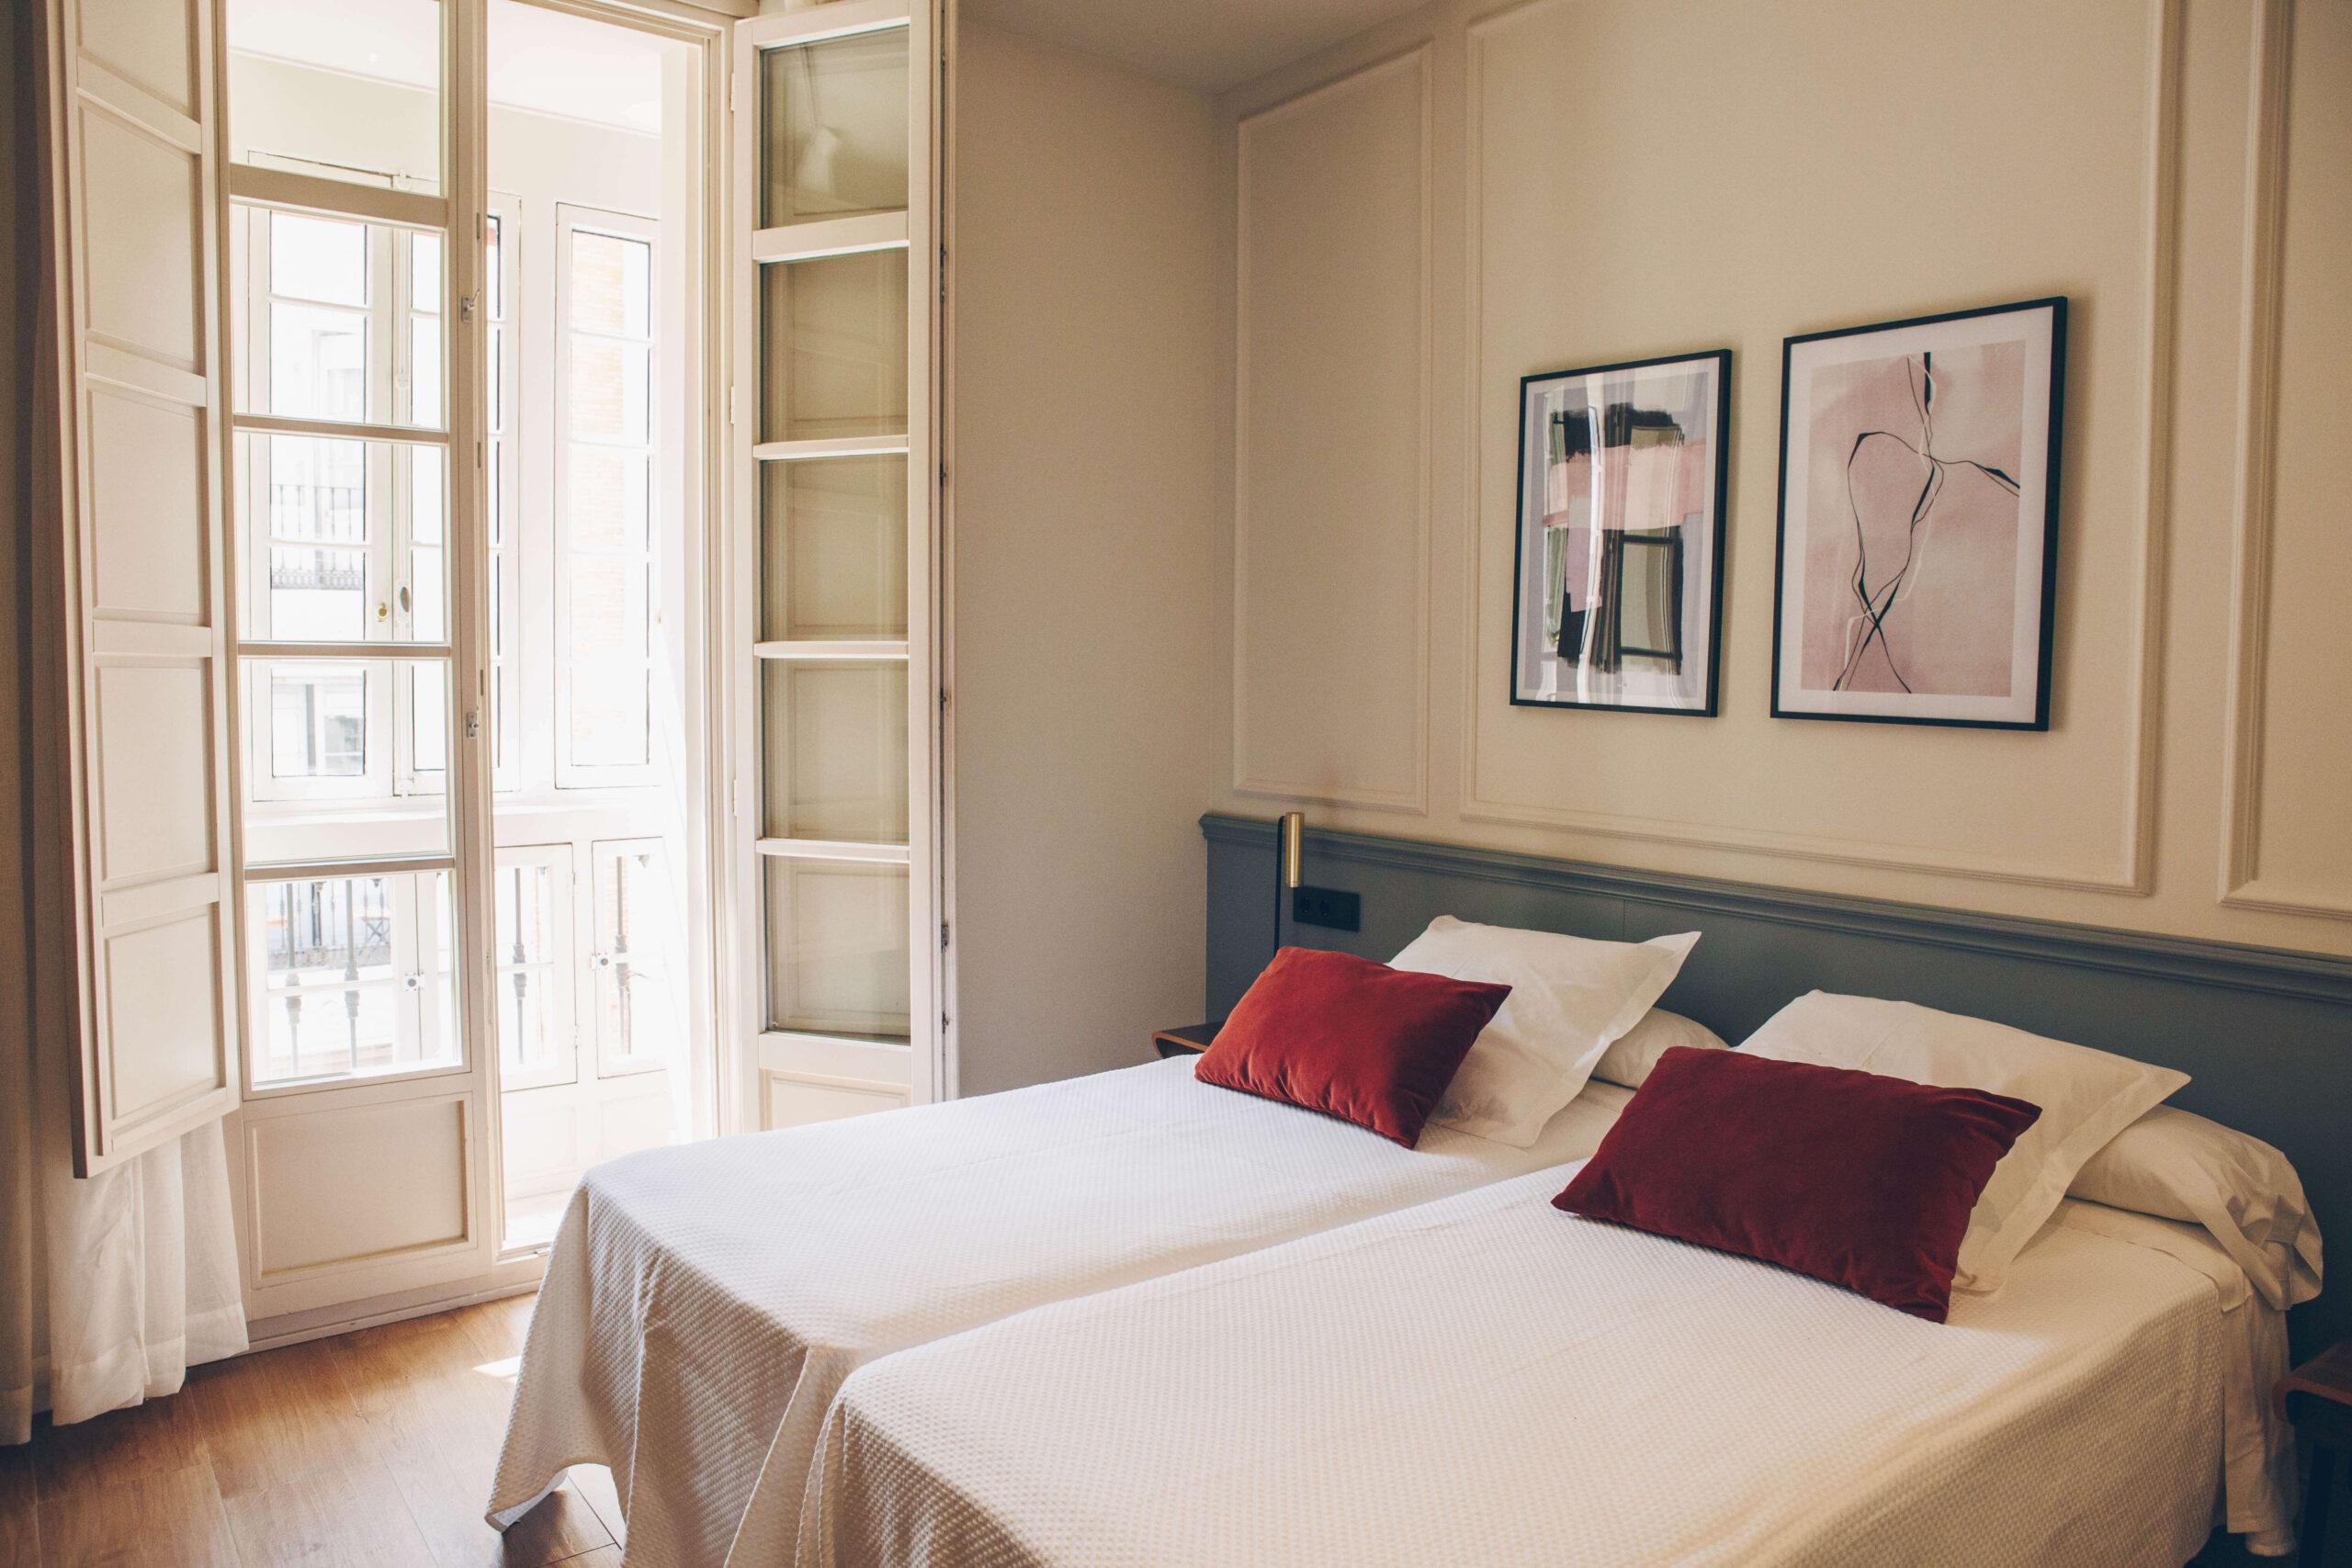 twin-room-malaga-booking